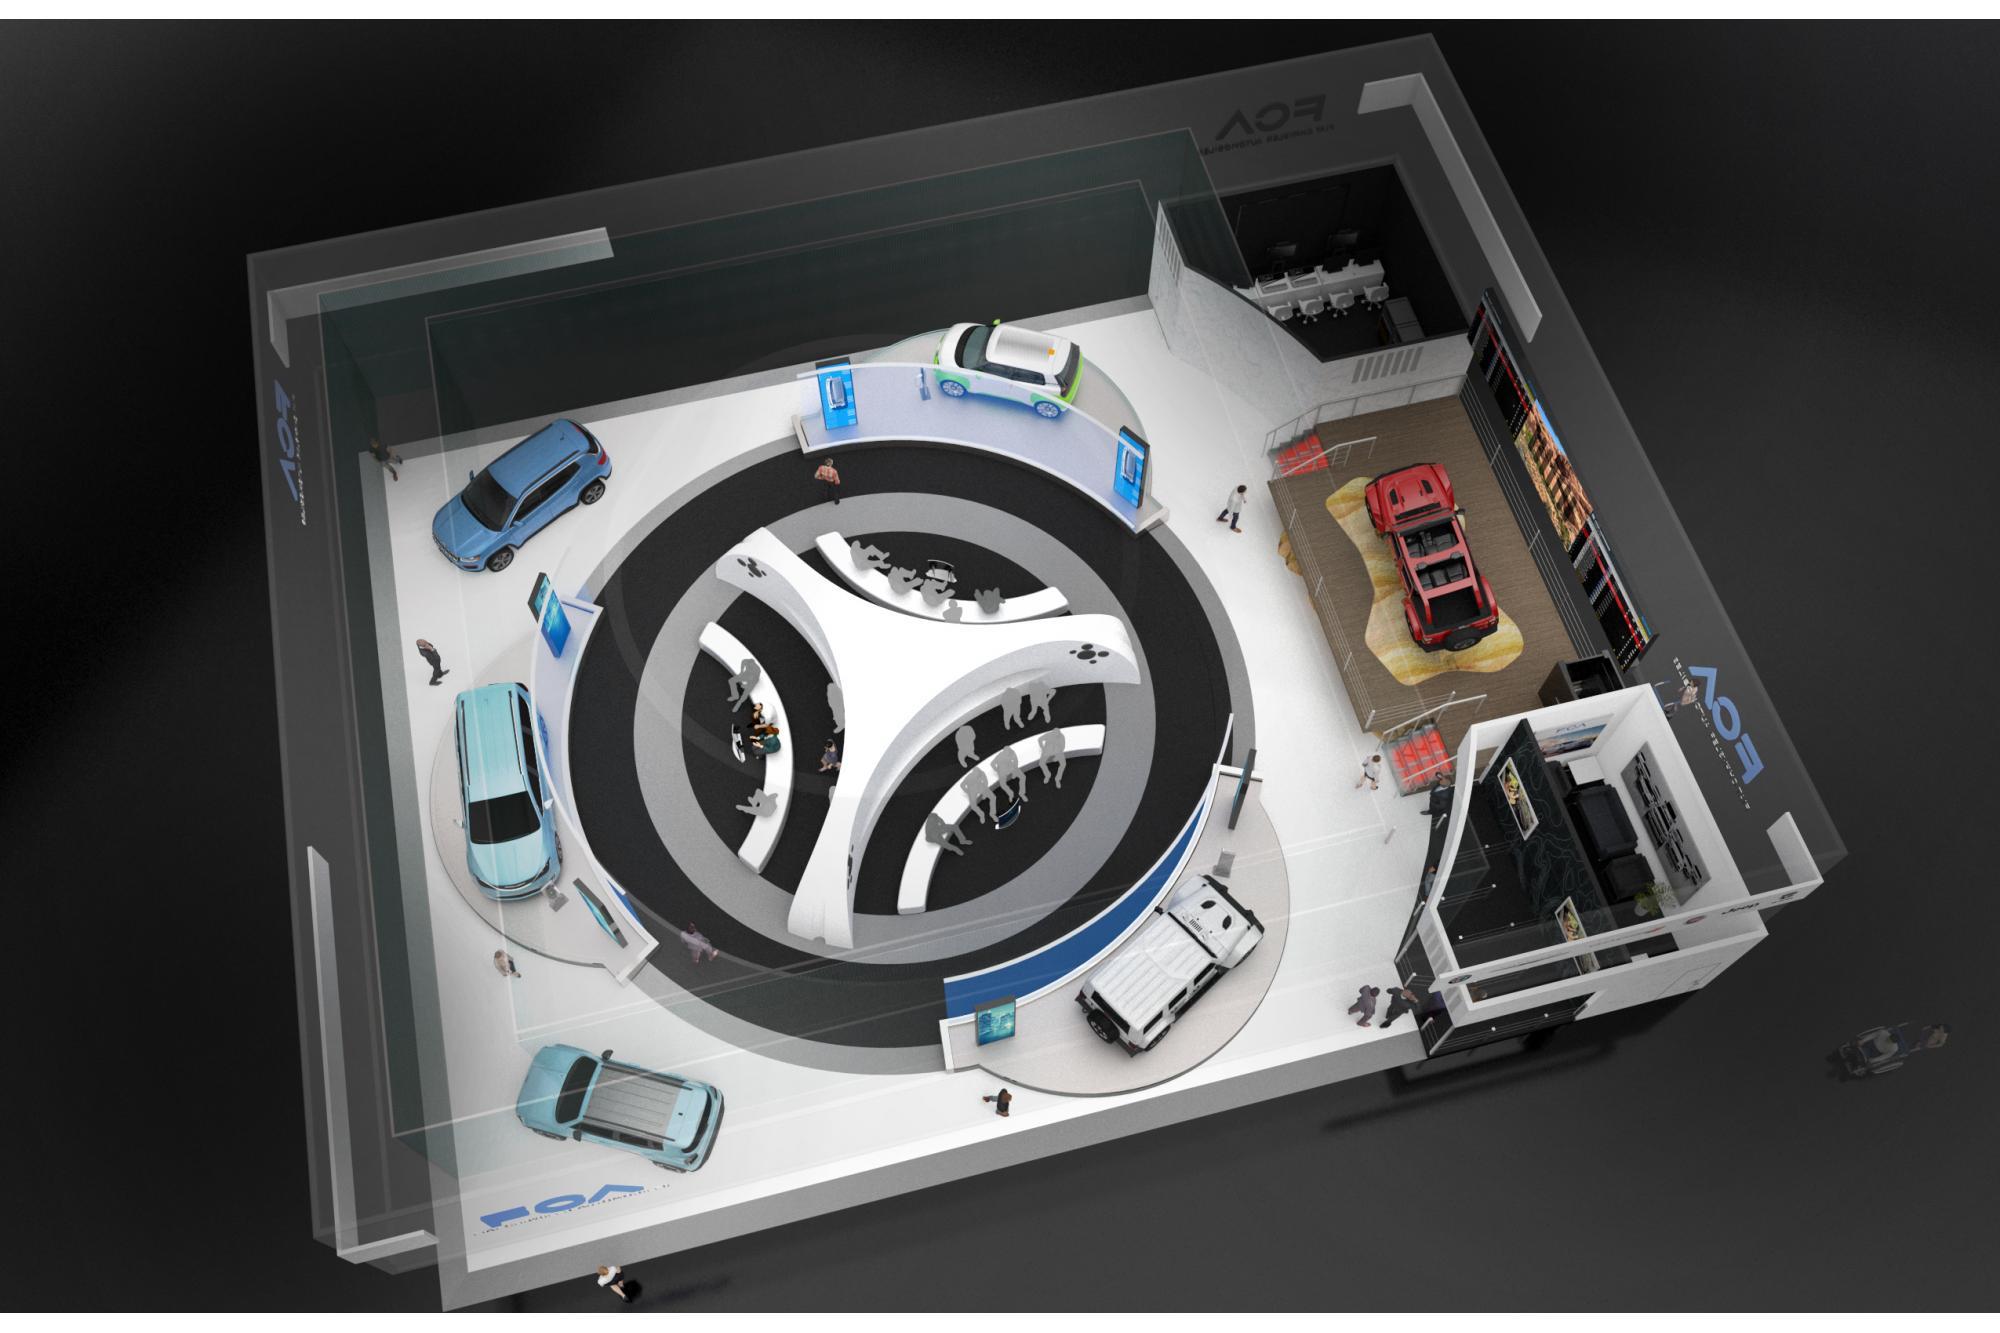 Η Fiat Chrysler Automobiles  στην έκθεση CES 2020 στις Η.Π.Α.